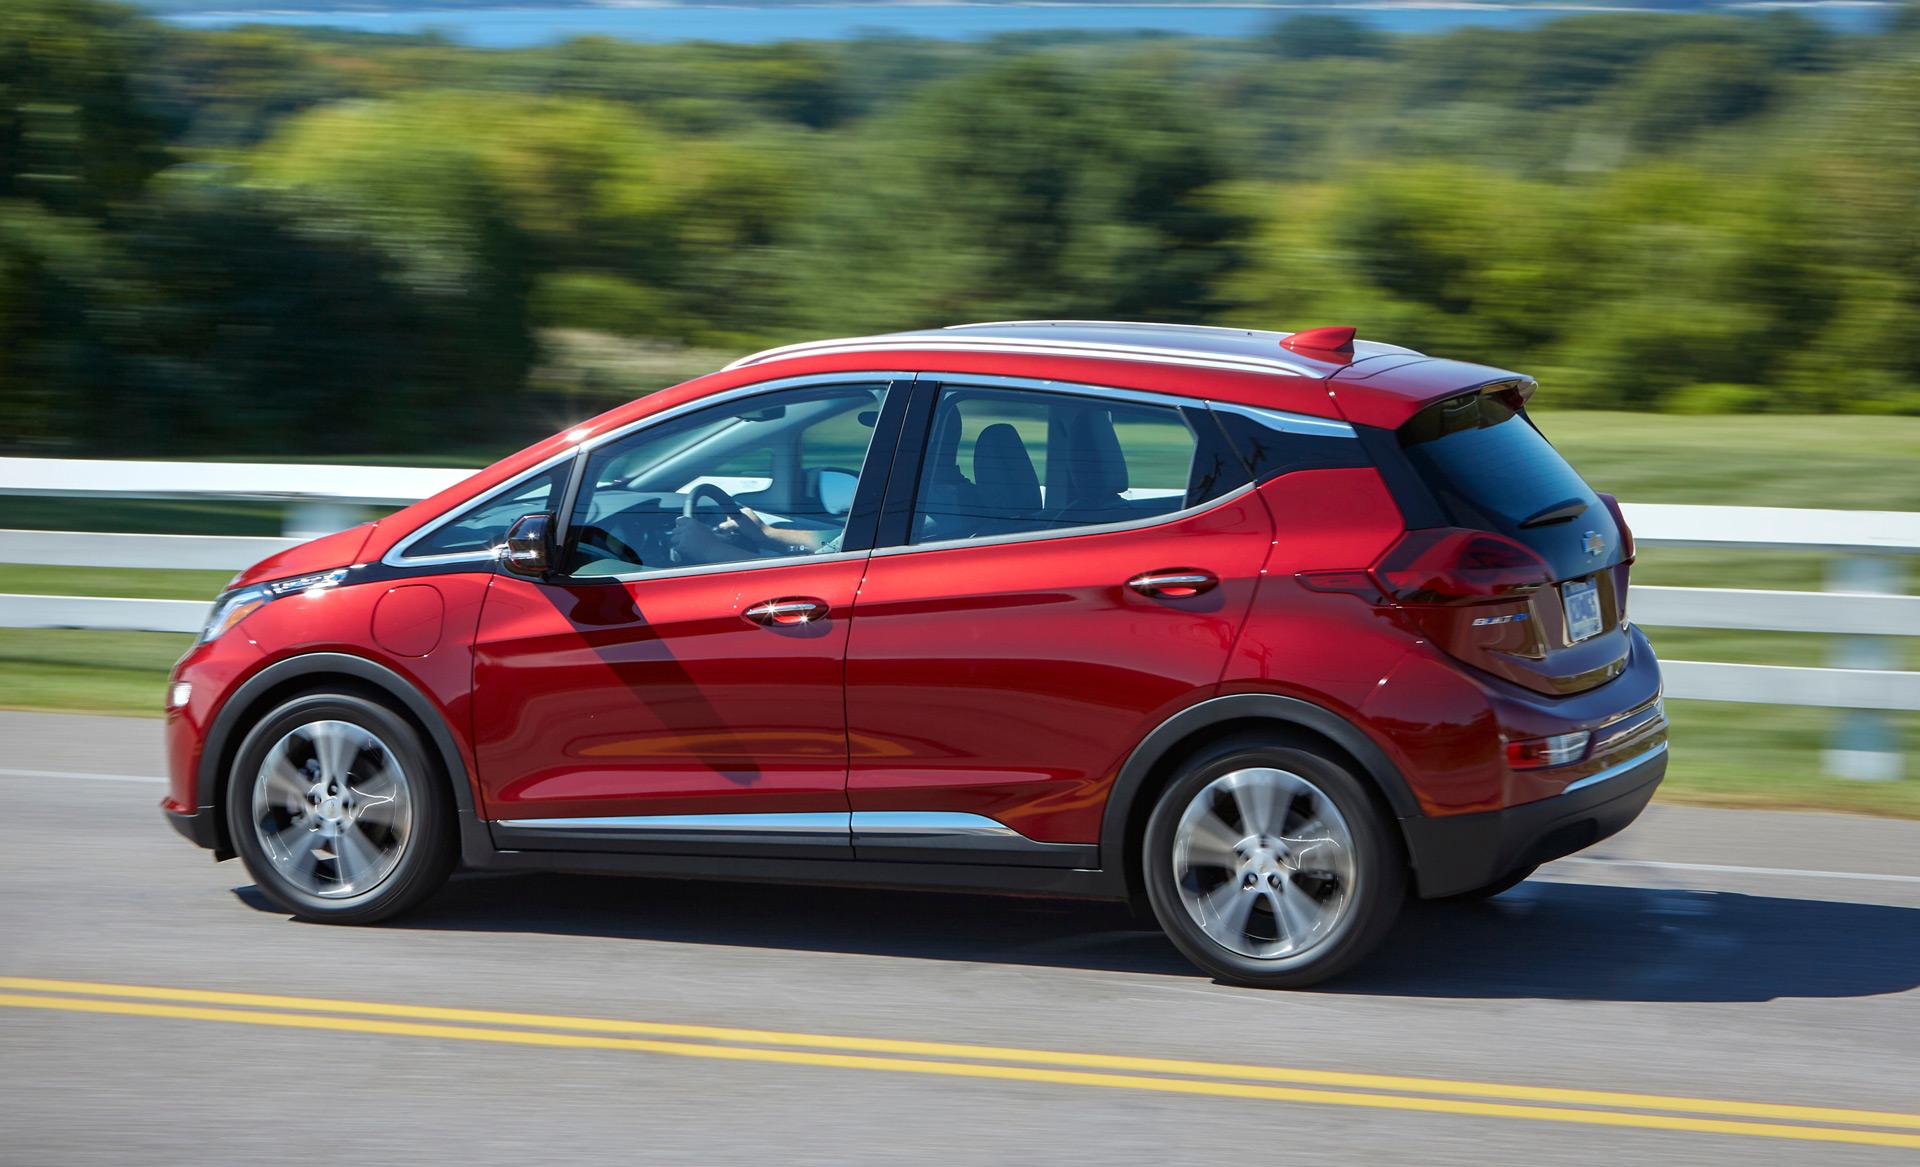 2020 Chevrolet Bolt Ev Gets 259 Miles Of Range Nudges Past